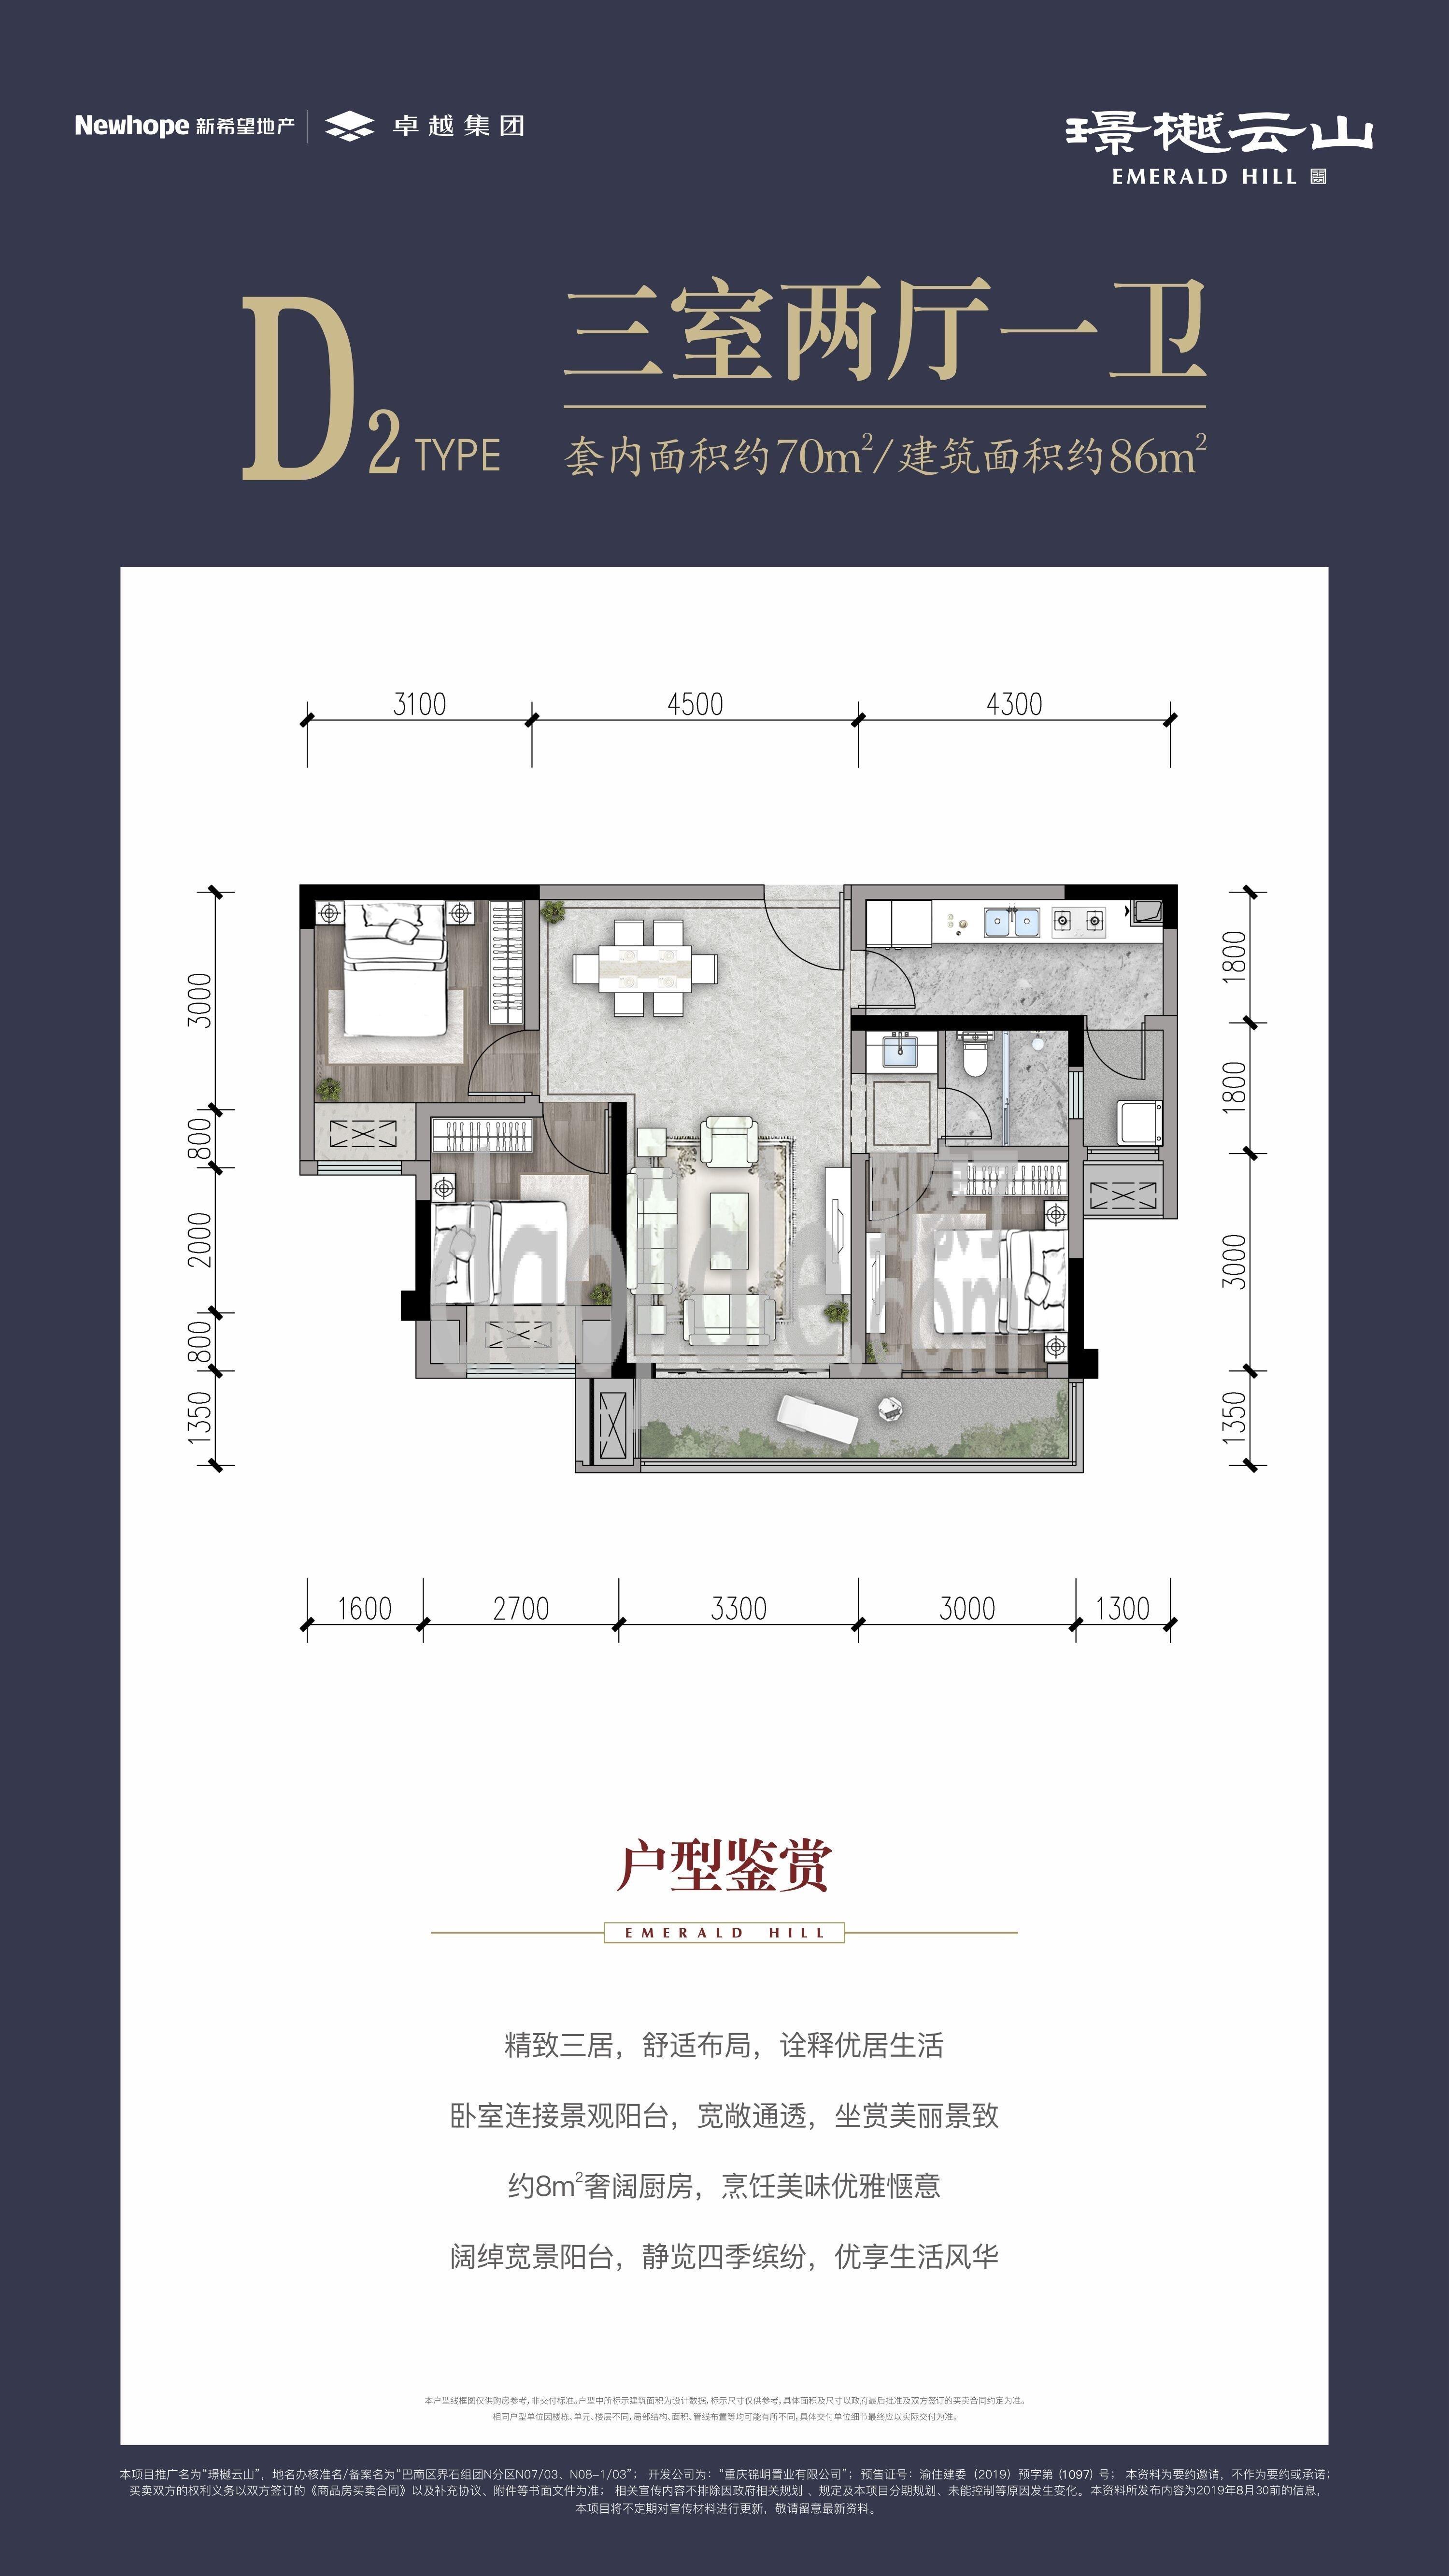 南岸区茶园新区璟樾云山新房D2户型图